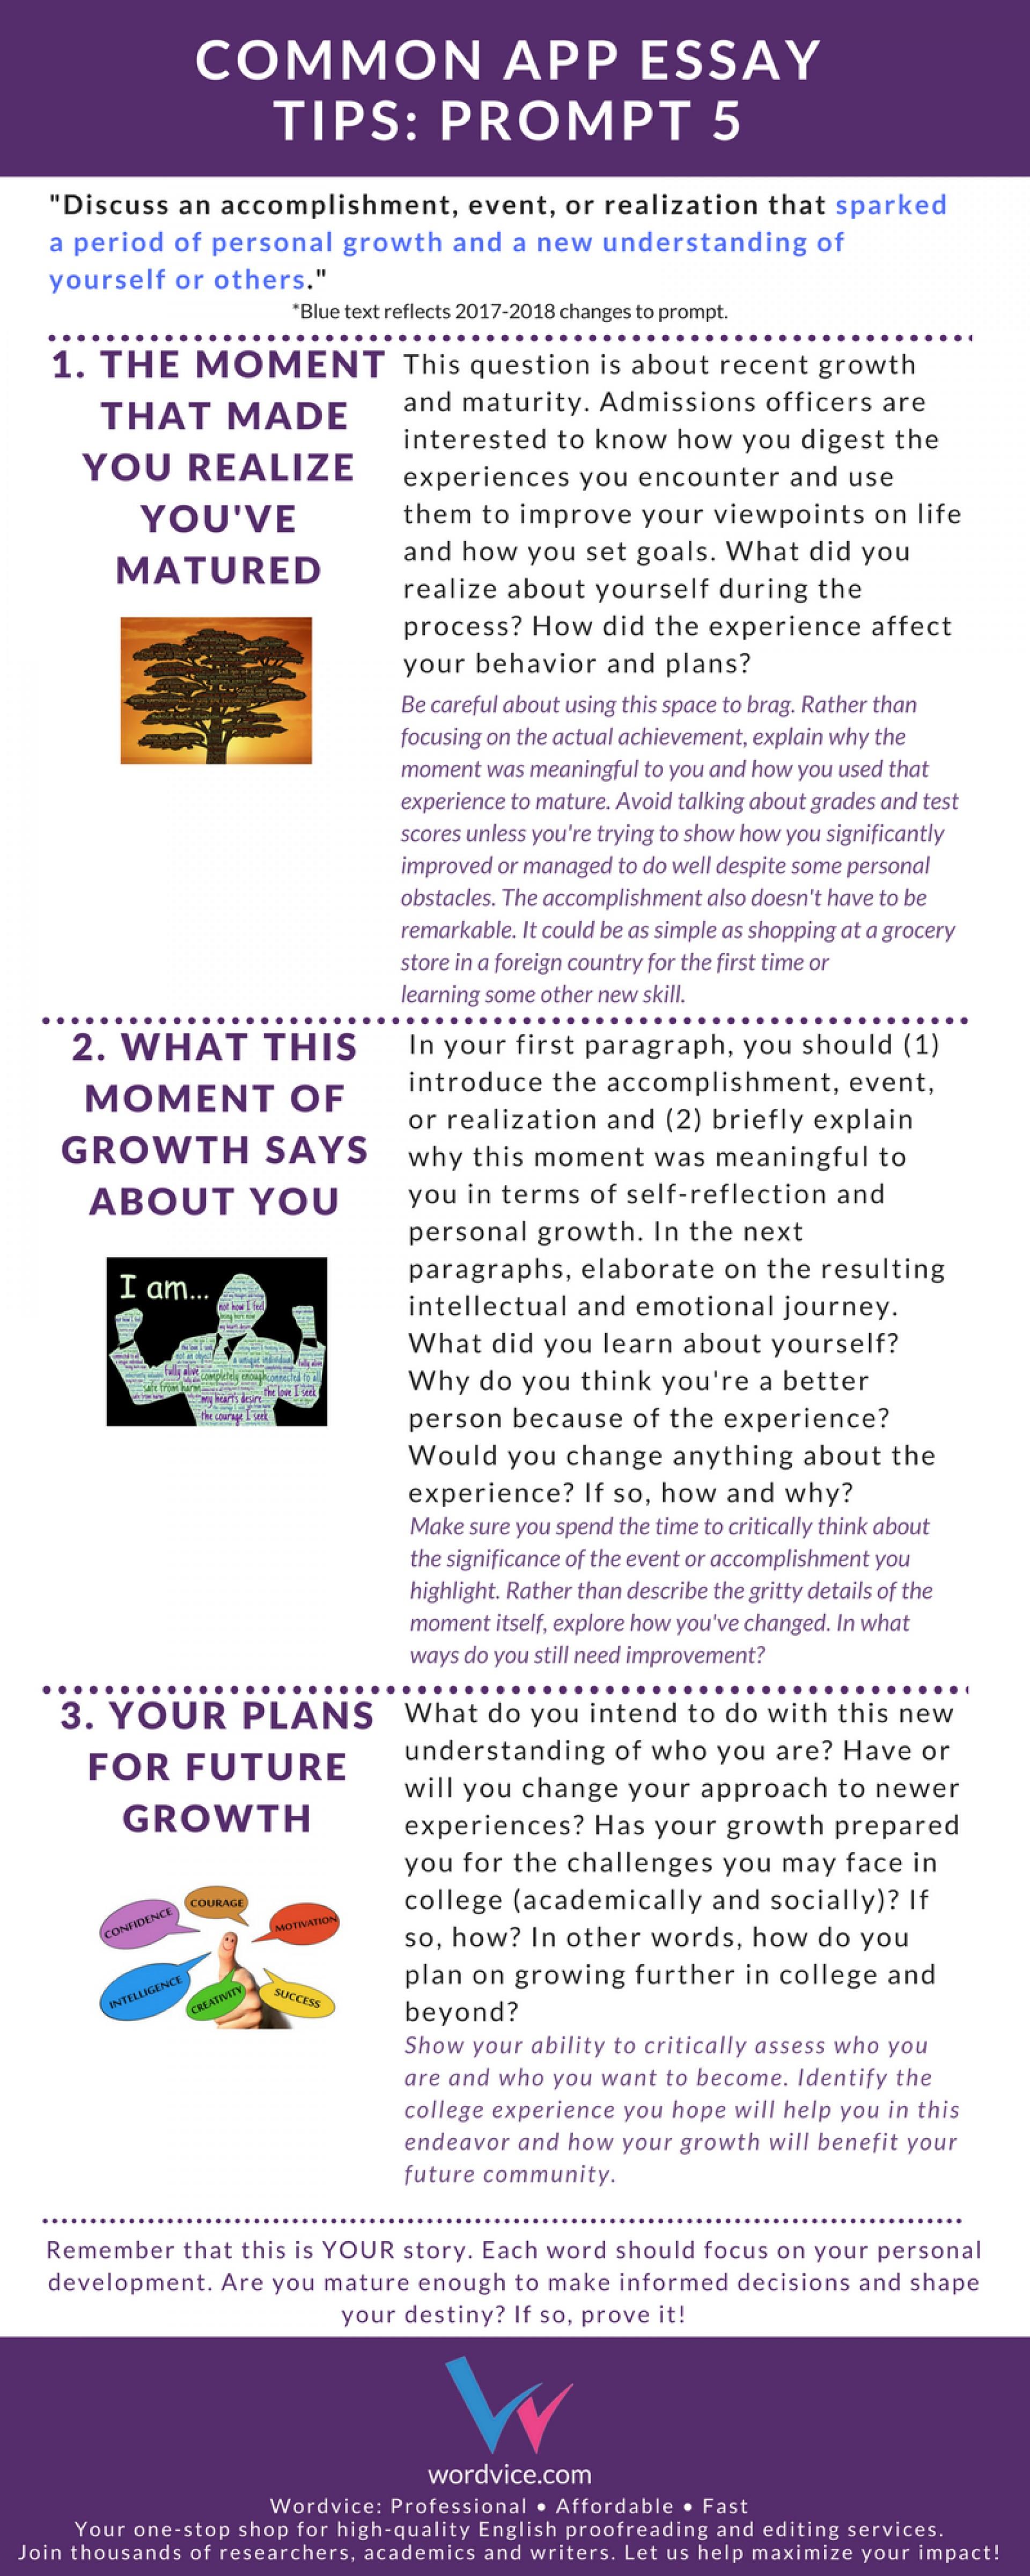 017 Common App Brainstormprompt Essay Prompt Unusual Examples 6 1 Sample 1920